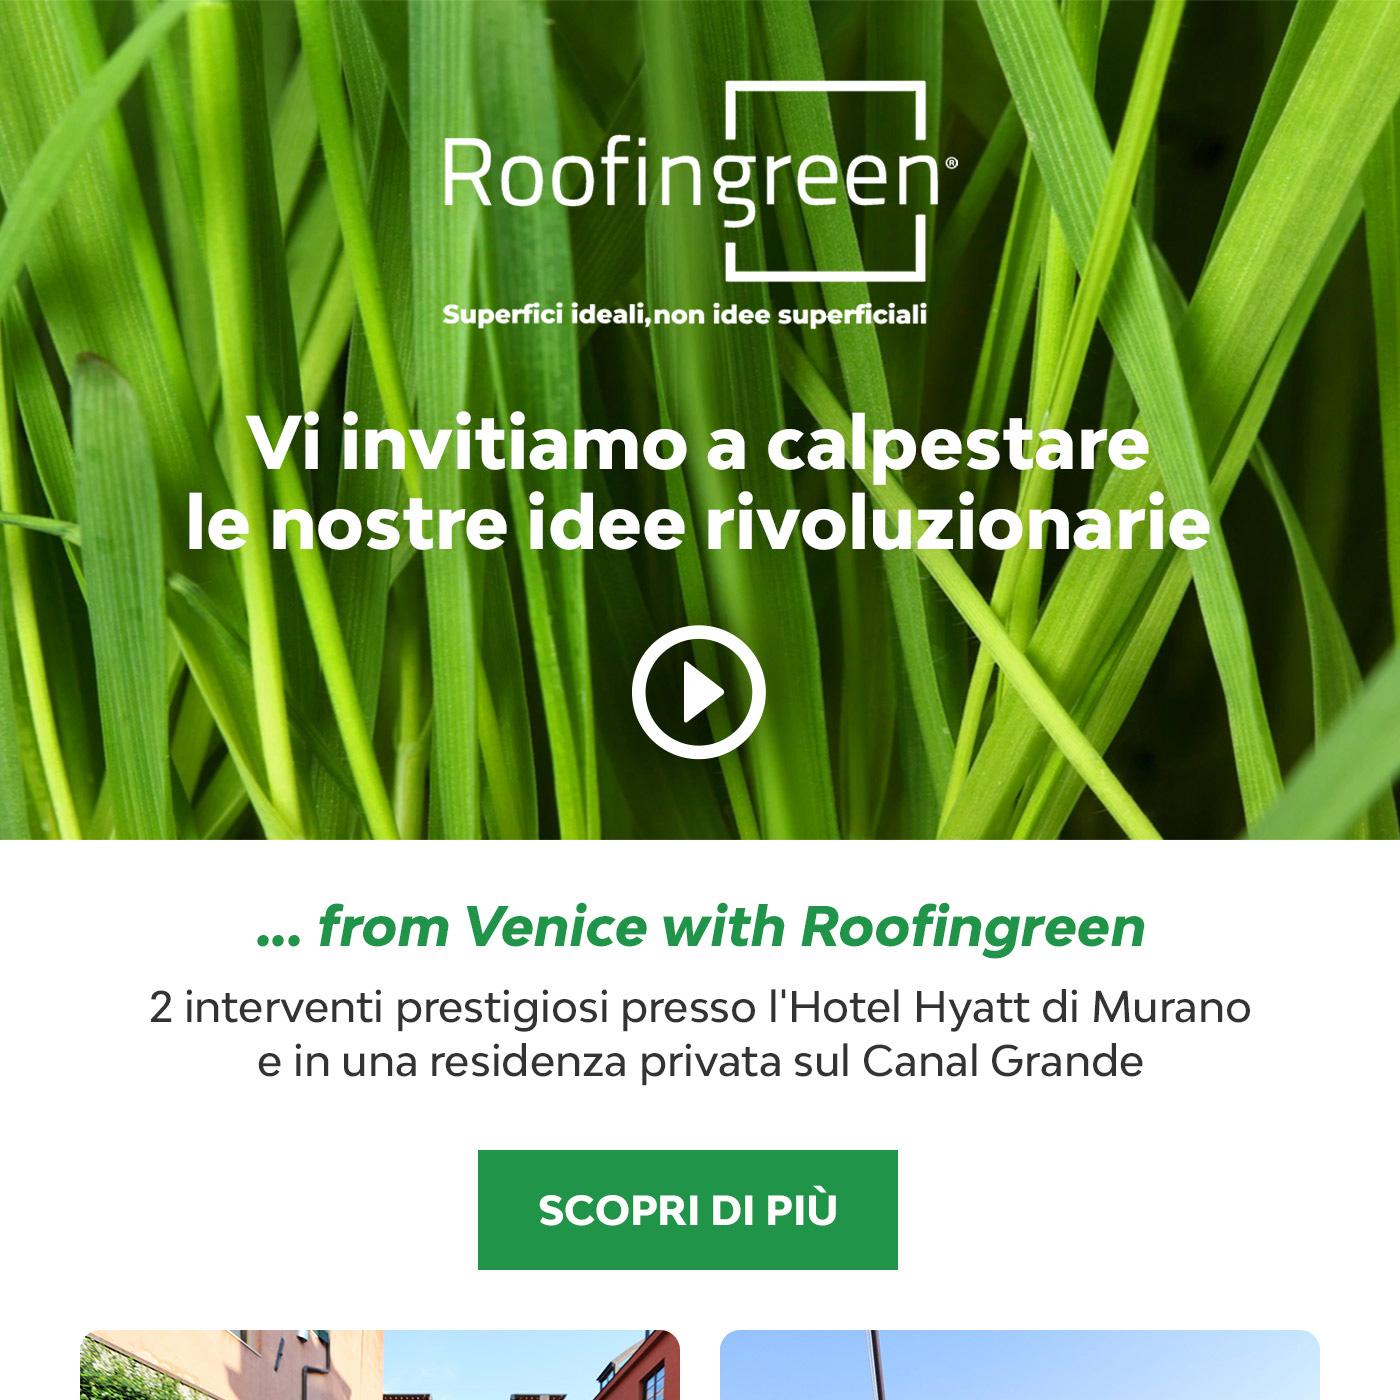 Superfici verdi che riqualificano gli ambienti: Roofingreen a Venezia | Superbonus 110%